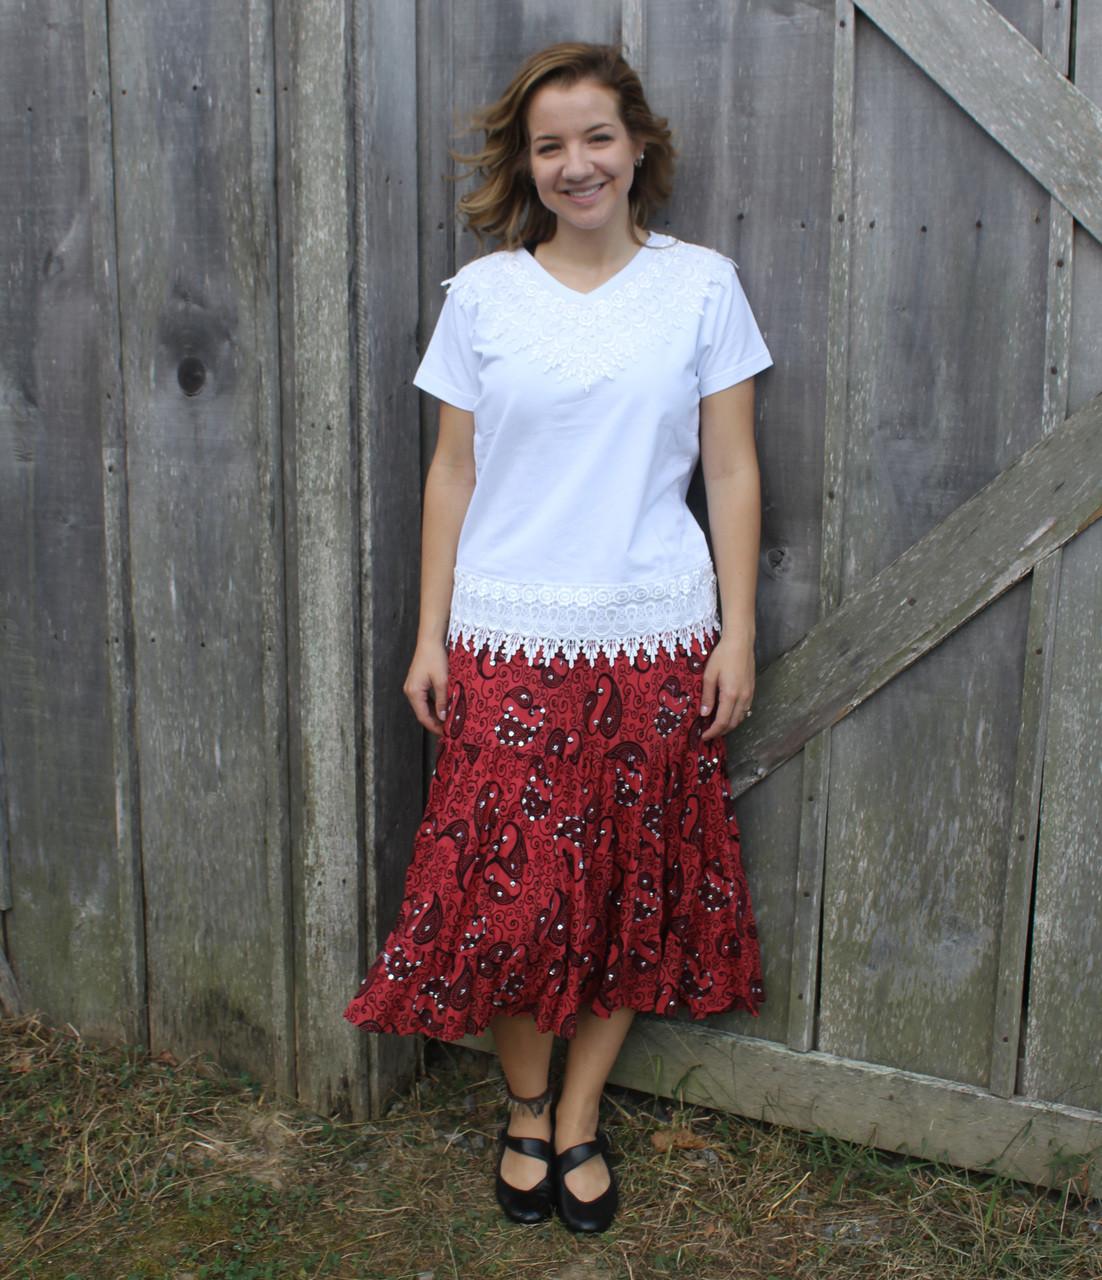 a92d3adabb 7957R Red Short Sequin Skirt - Brantleys Western & Casual Wear